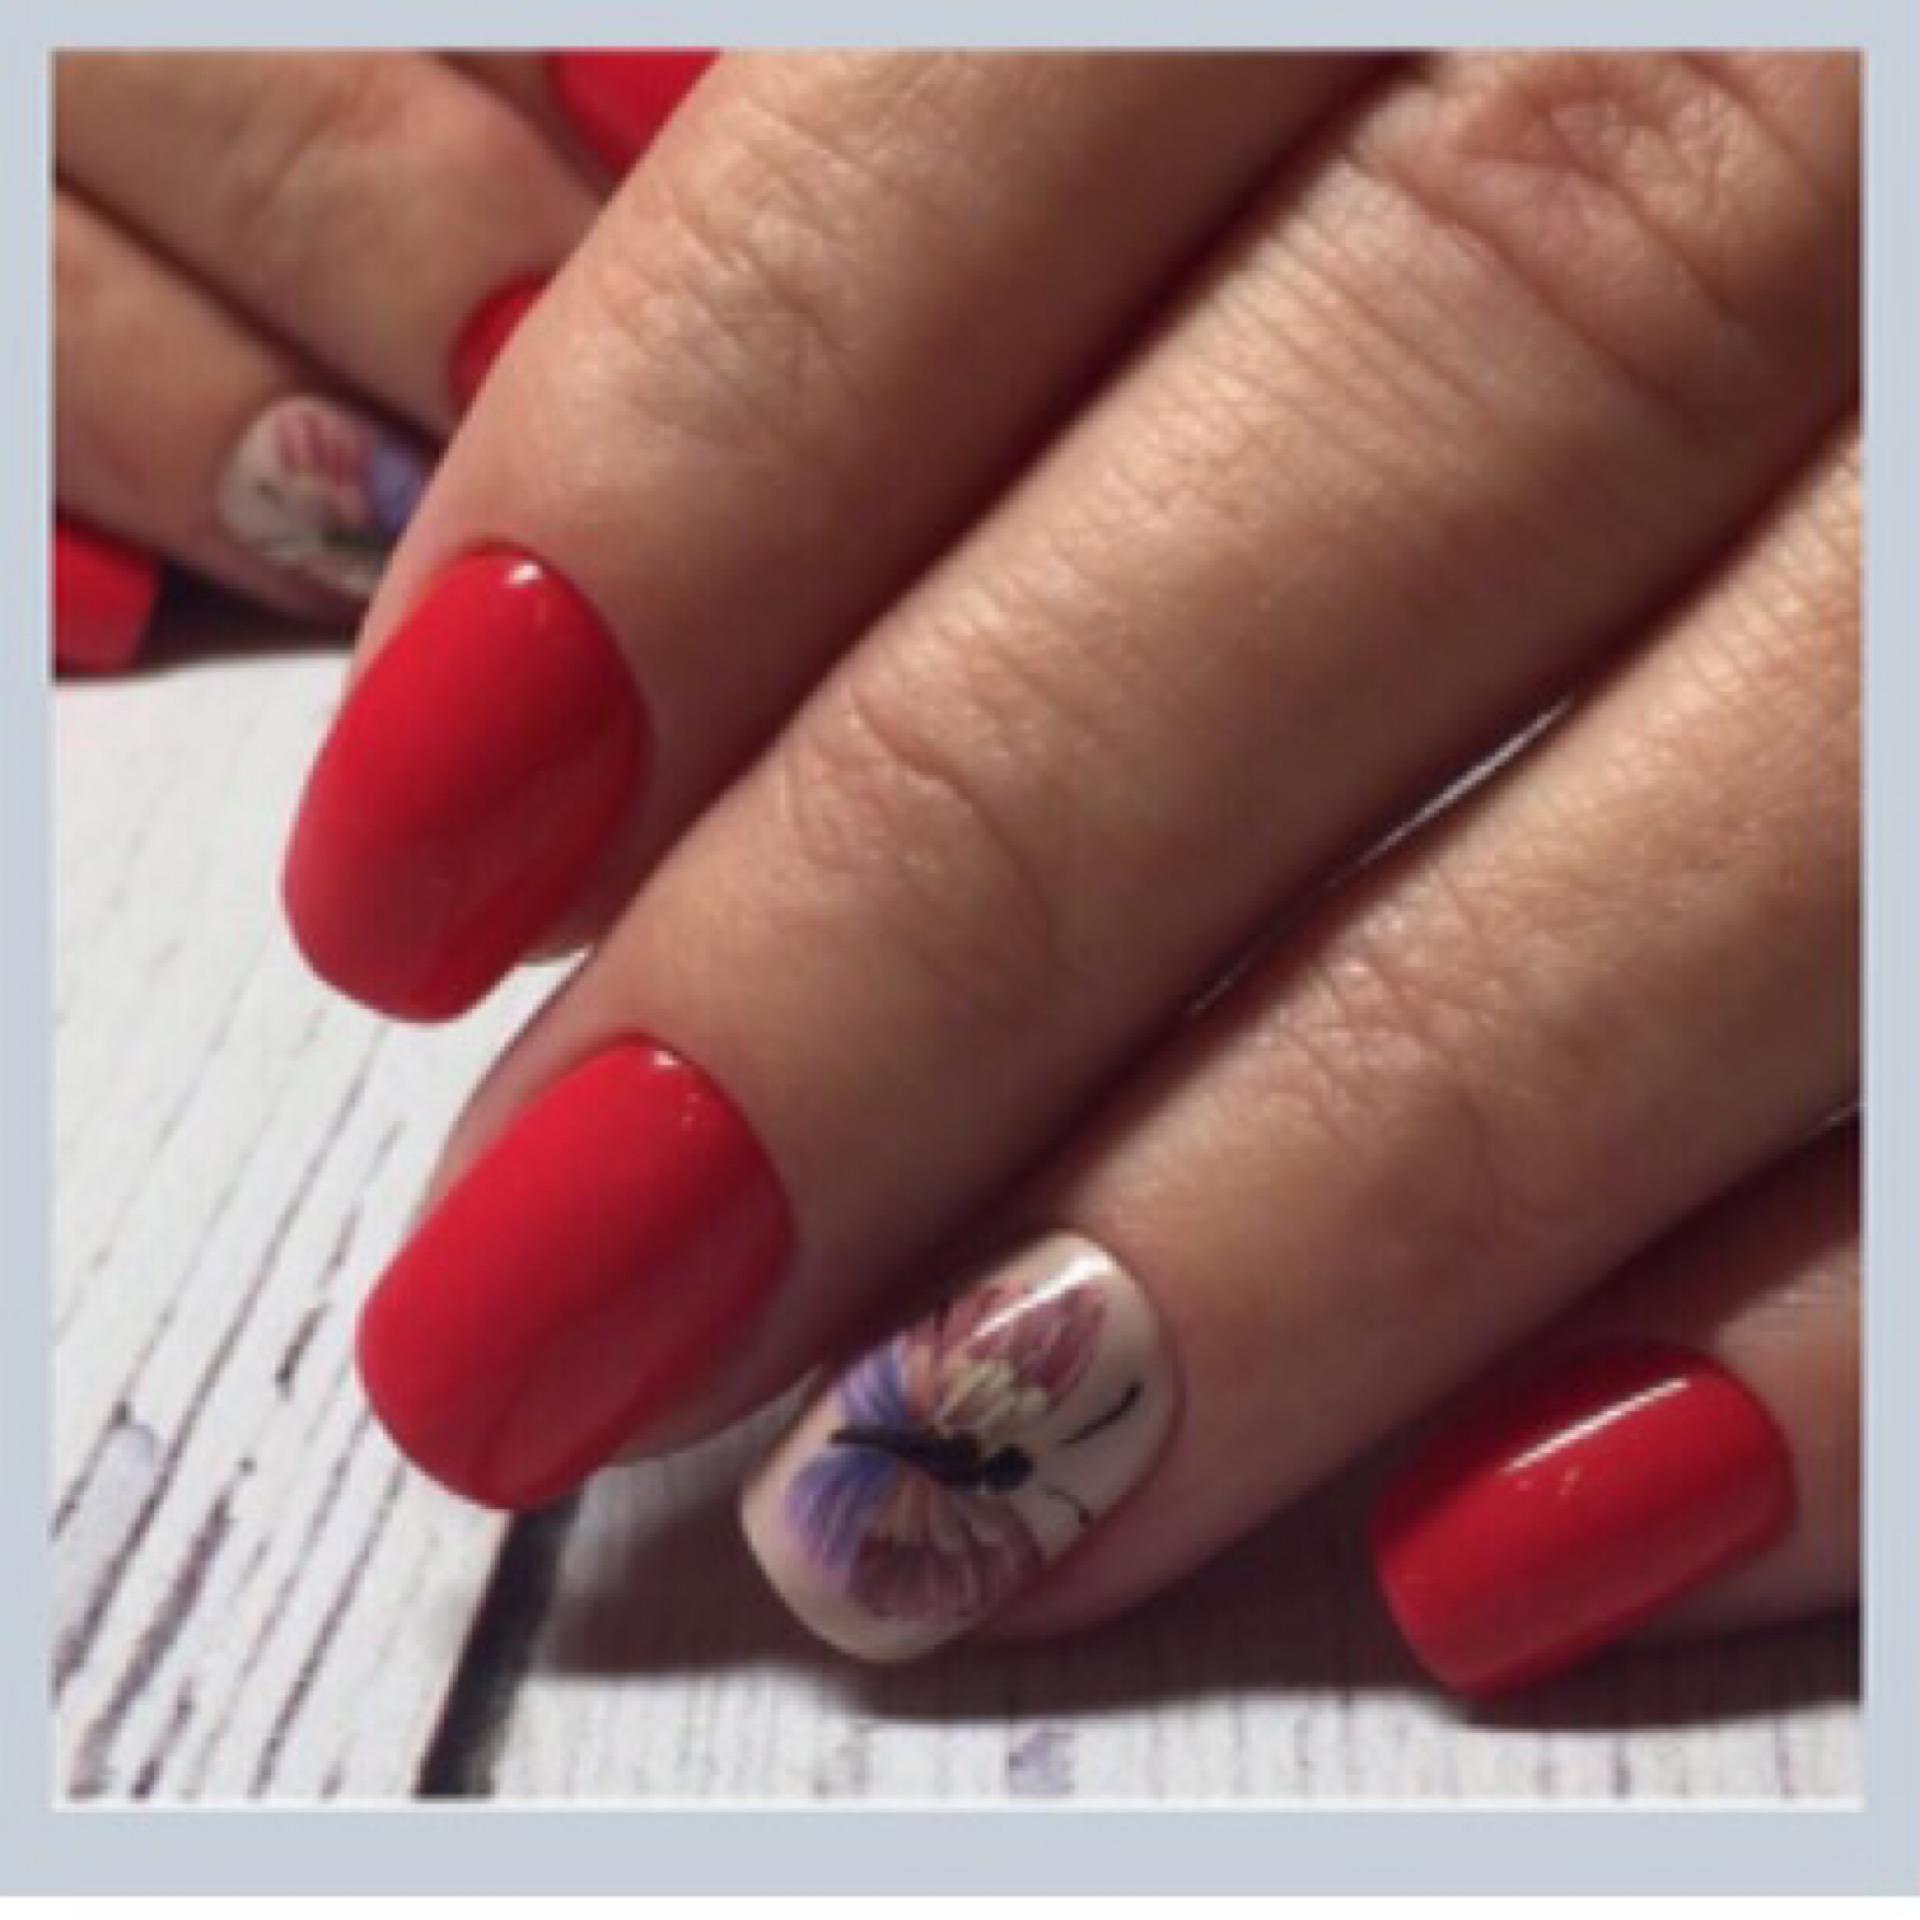 """Однотонный маникюр в красном цвете с цветным слайдером """"бабочка""""."""